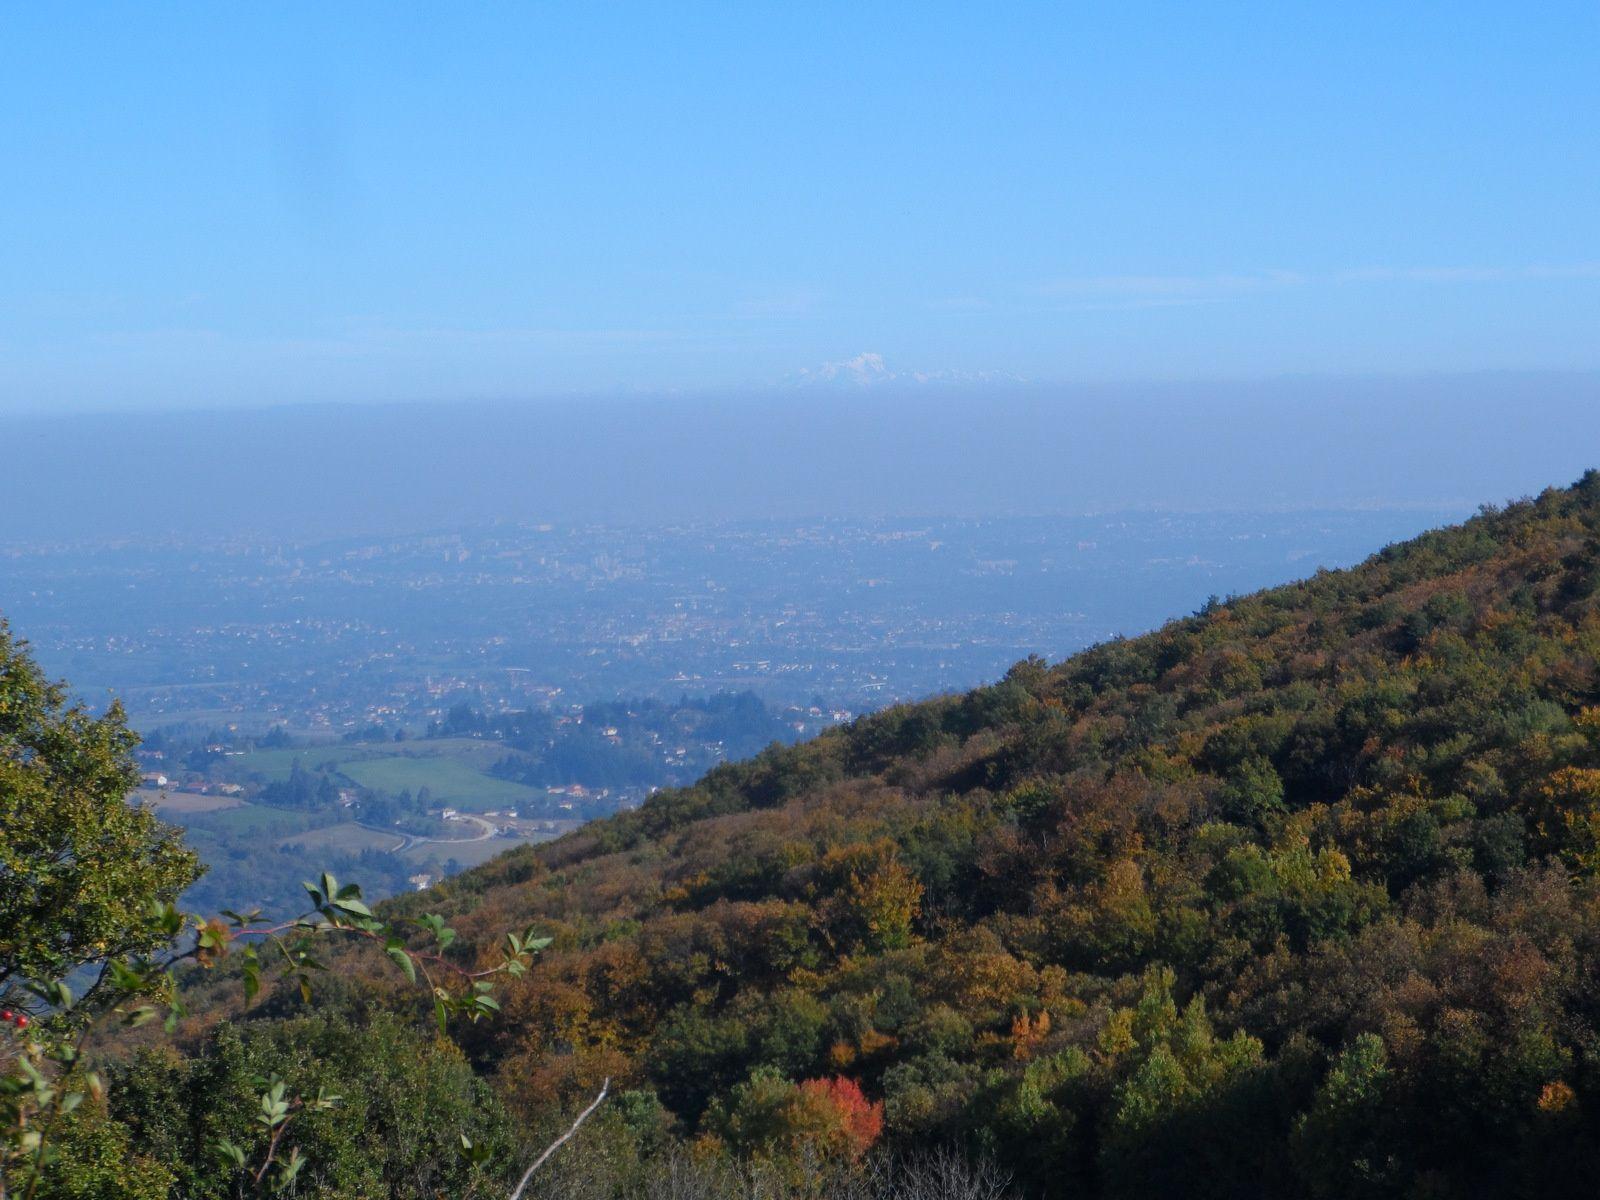 A l'horizon, au dessus de Lyon, par delà la pollution, on aperçoit le Mont Blanc.